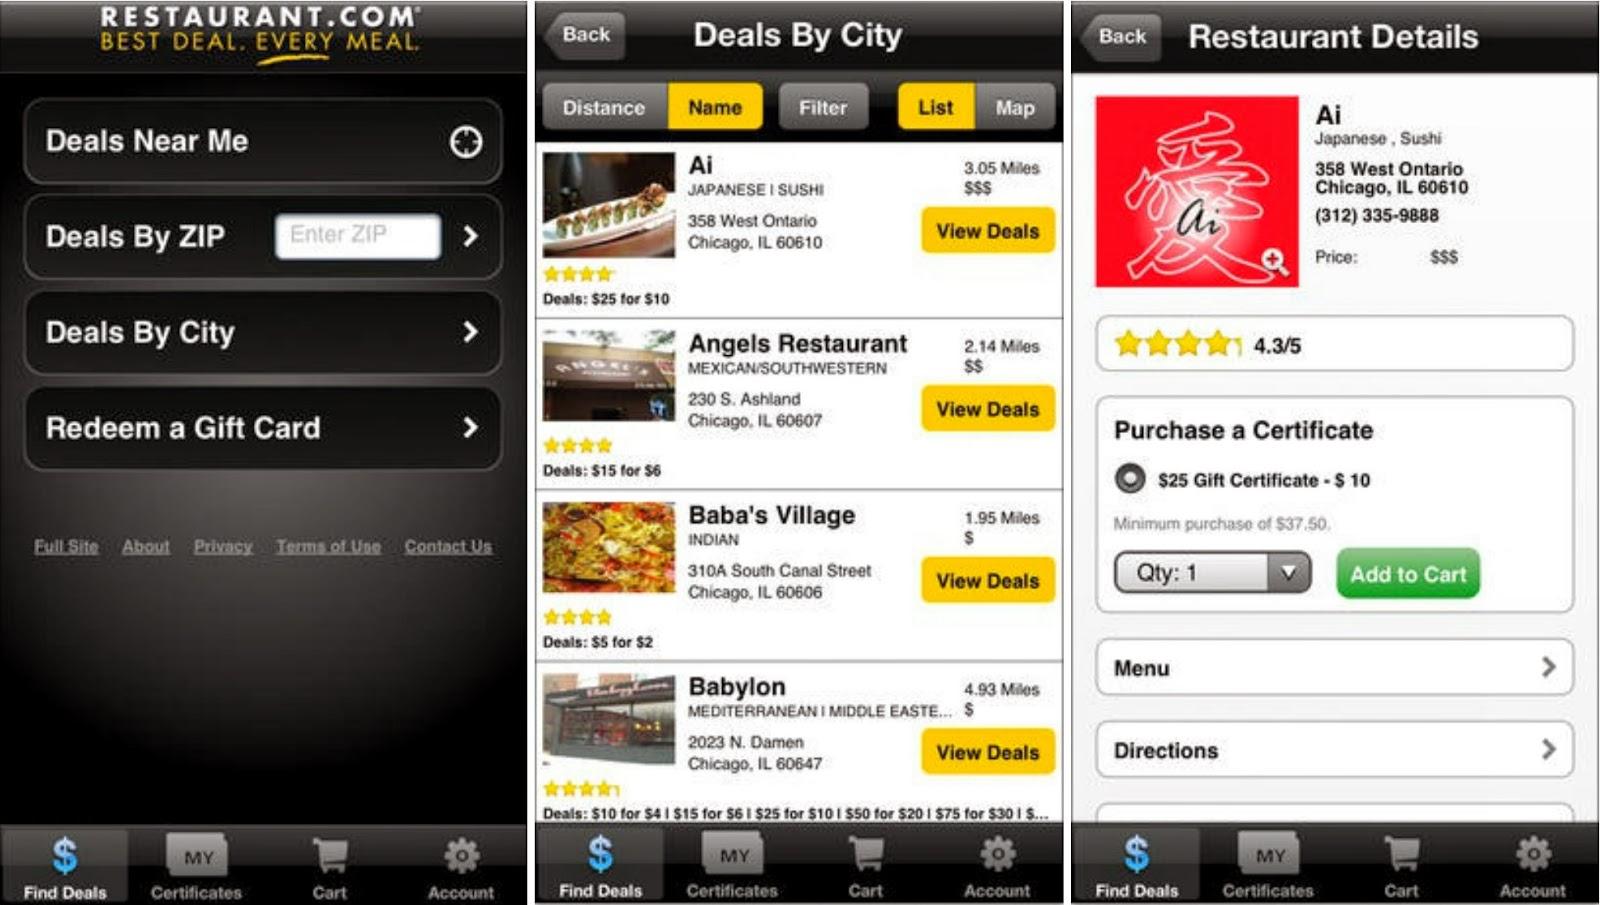 Restaurant.com app